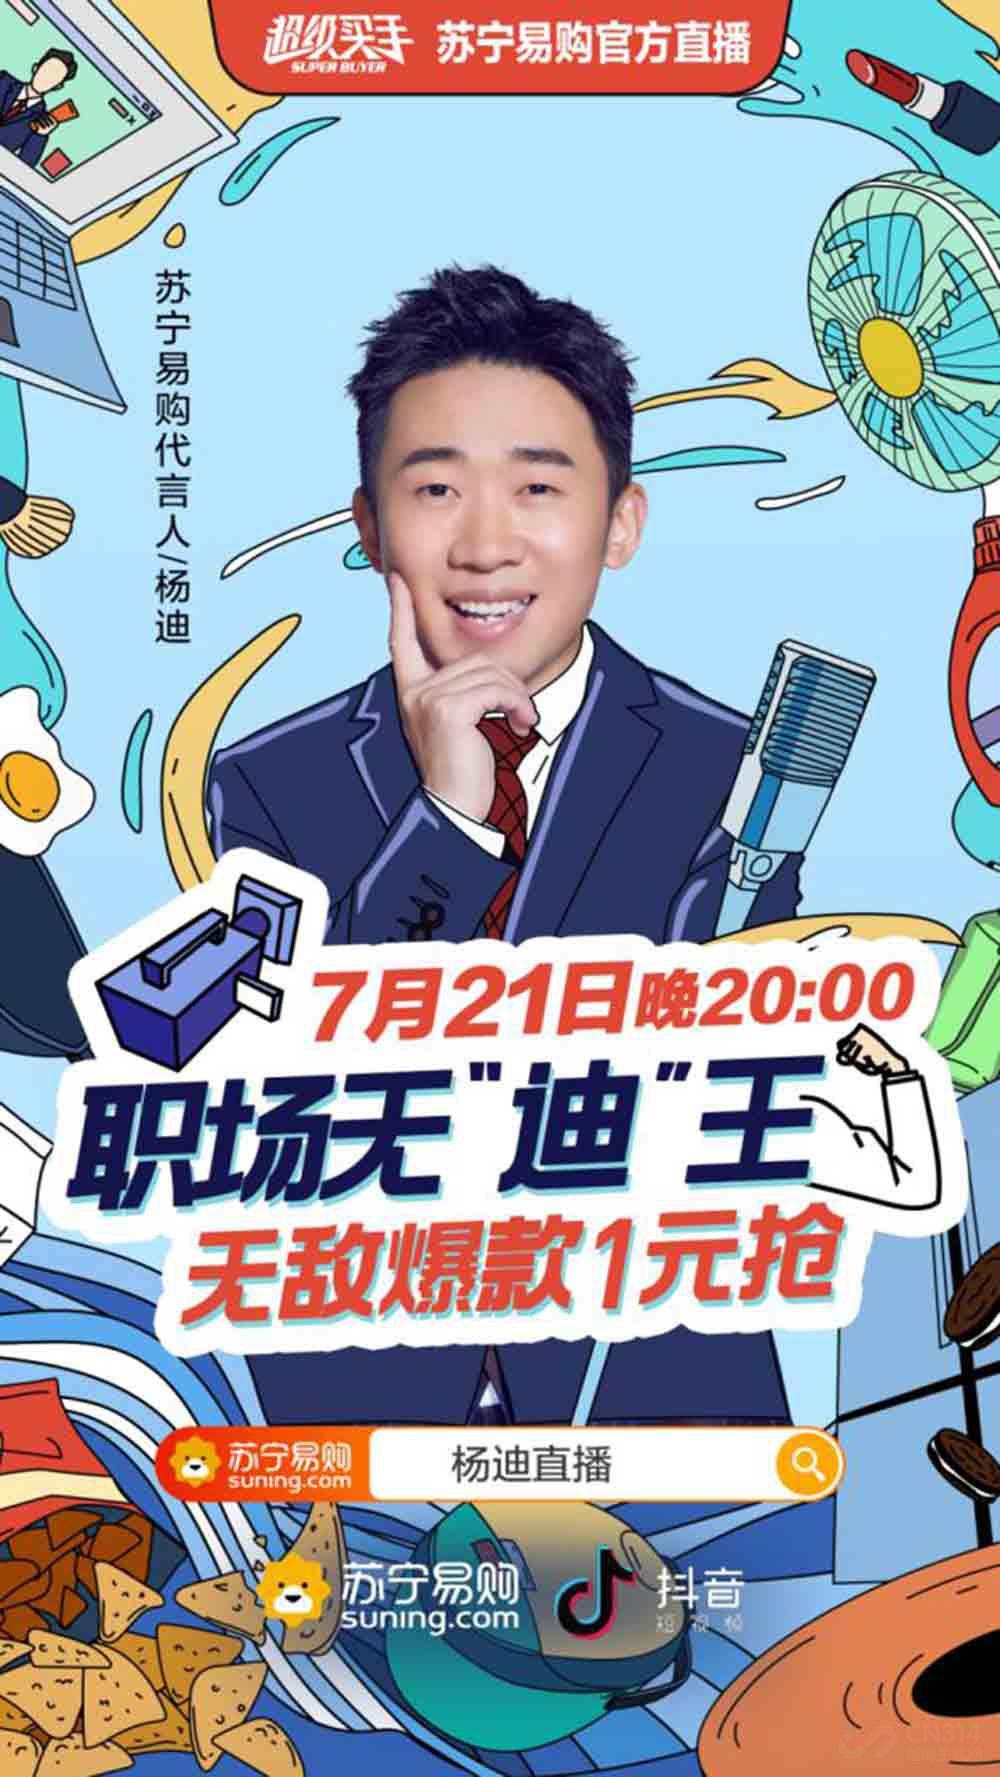 杨迪直播首秀 苏宁玩法更容易让观众接受